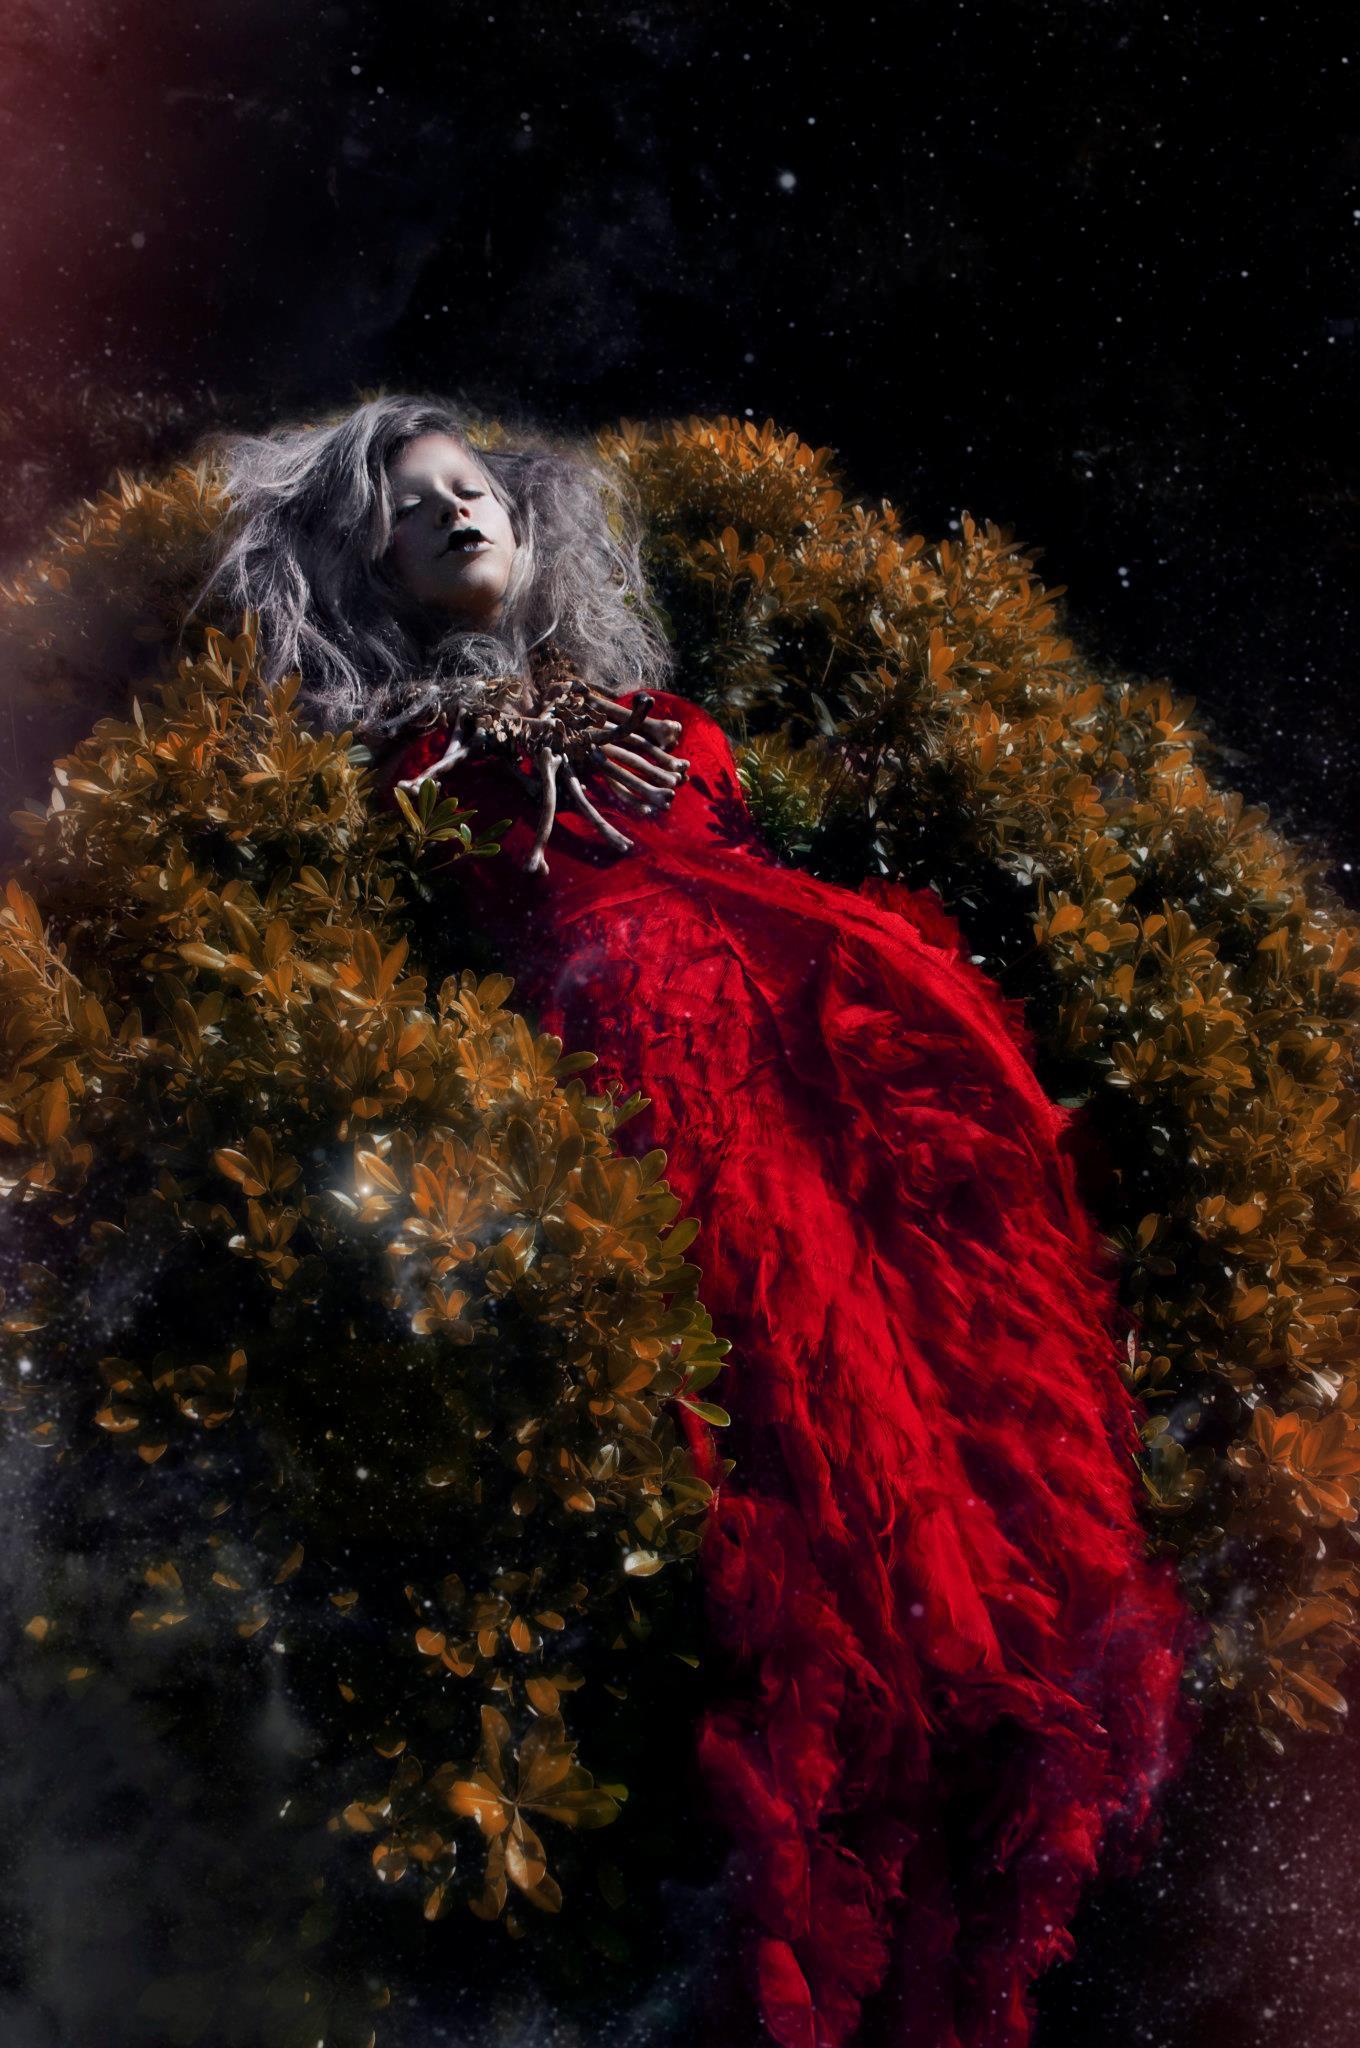 L'Bon Photographer (Leandro Bon) - Maite Conde - hair Lucas Barrientos - makeup Santiago Cricri - production:stylist Lucas Gencarelli